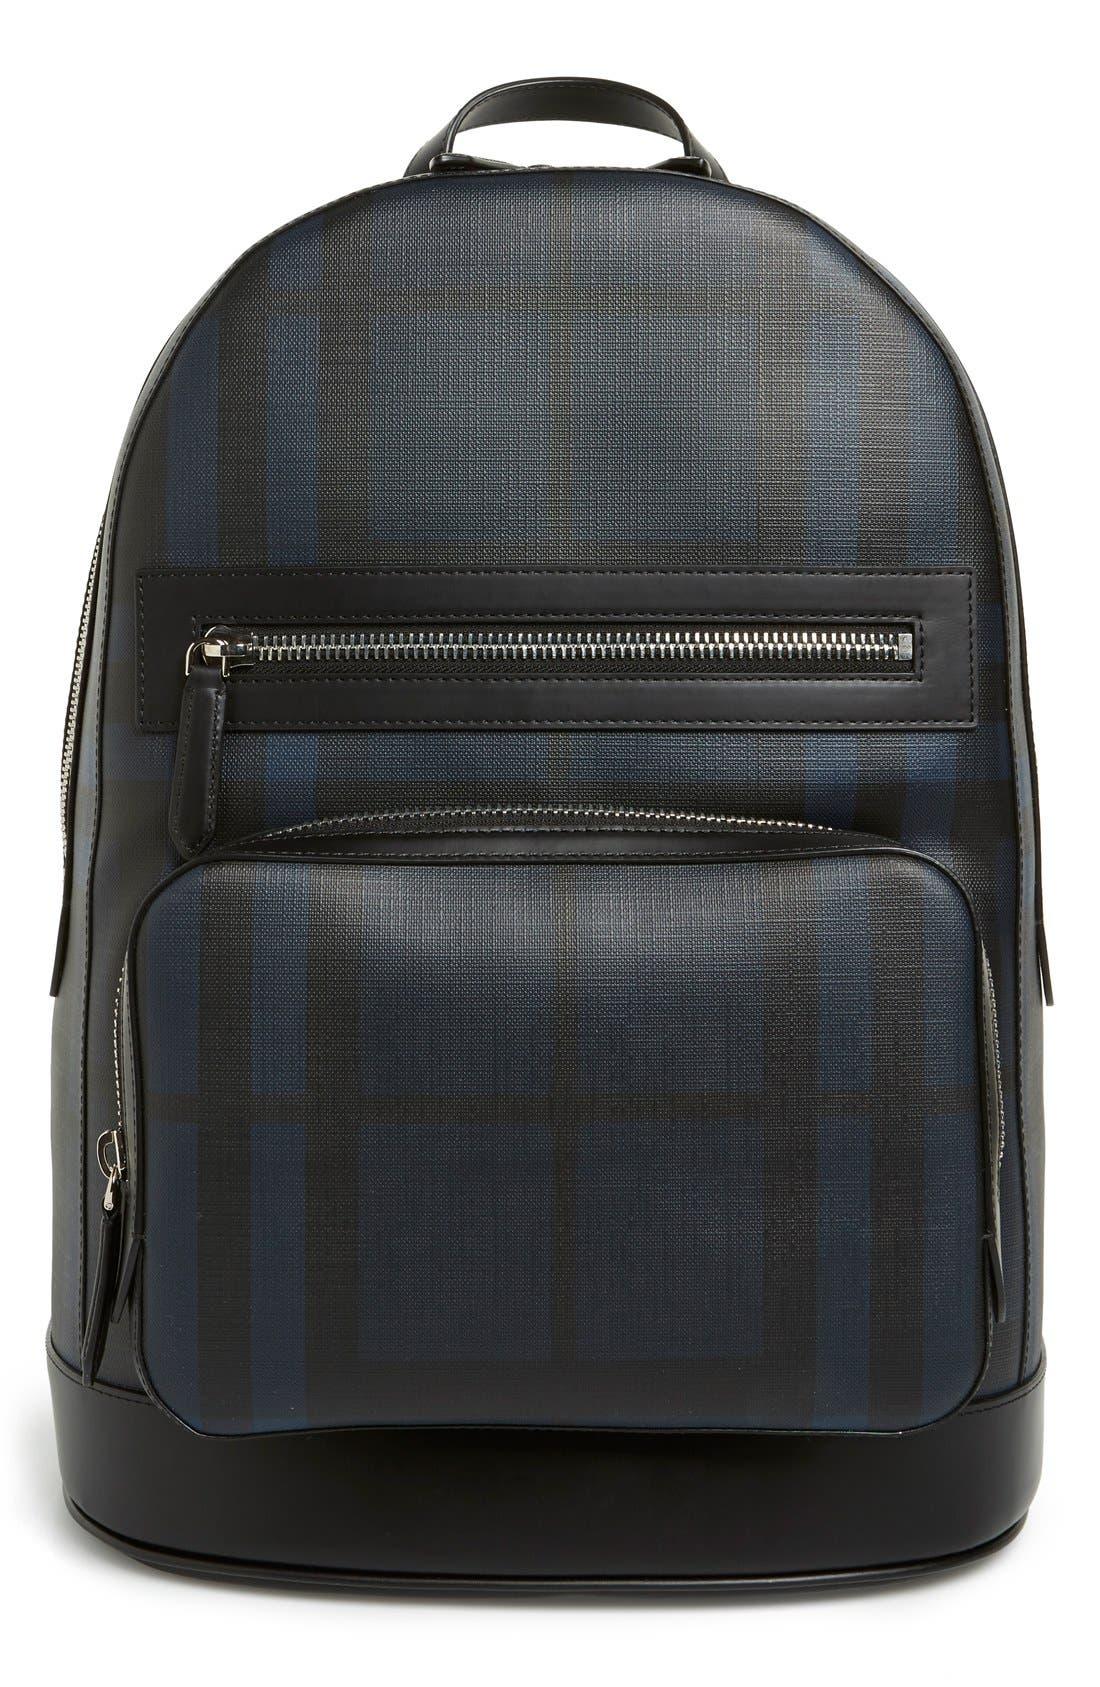 London Check Backpack,                             Main thumbnail 1, color,                             410